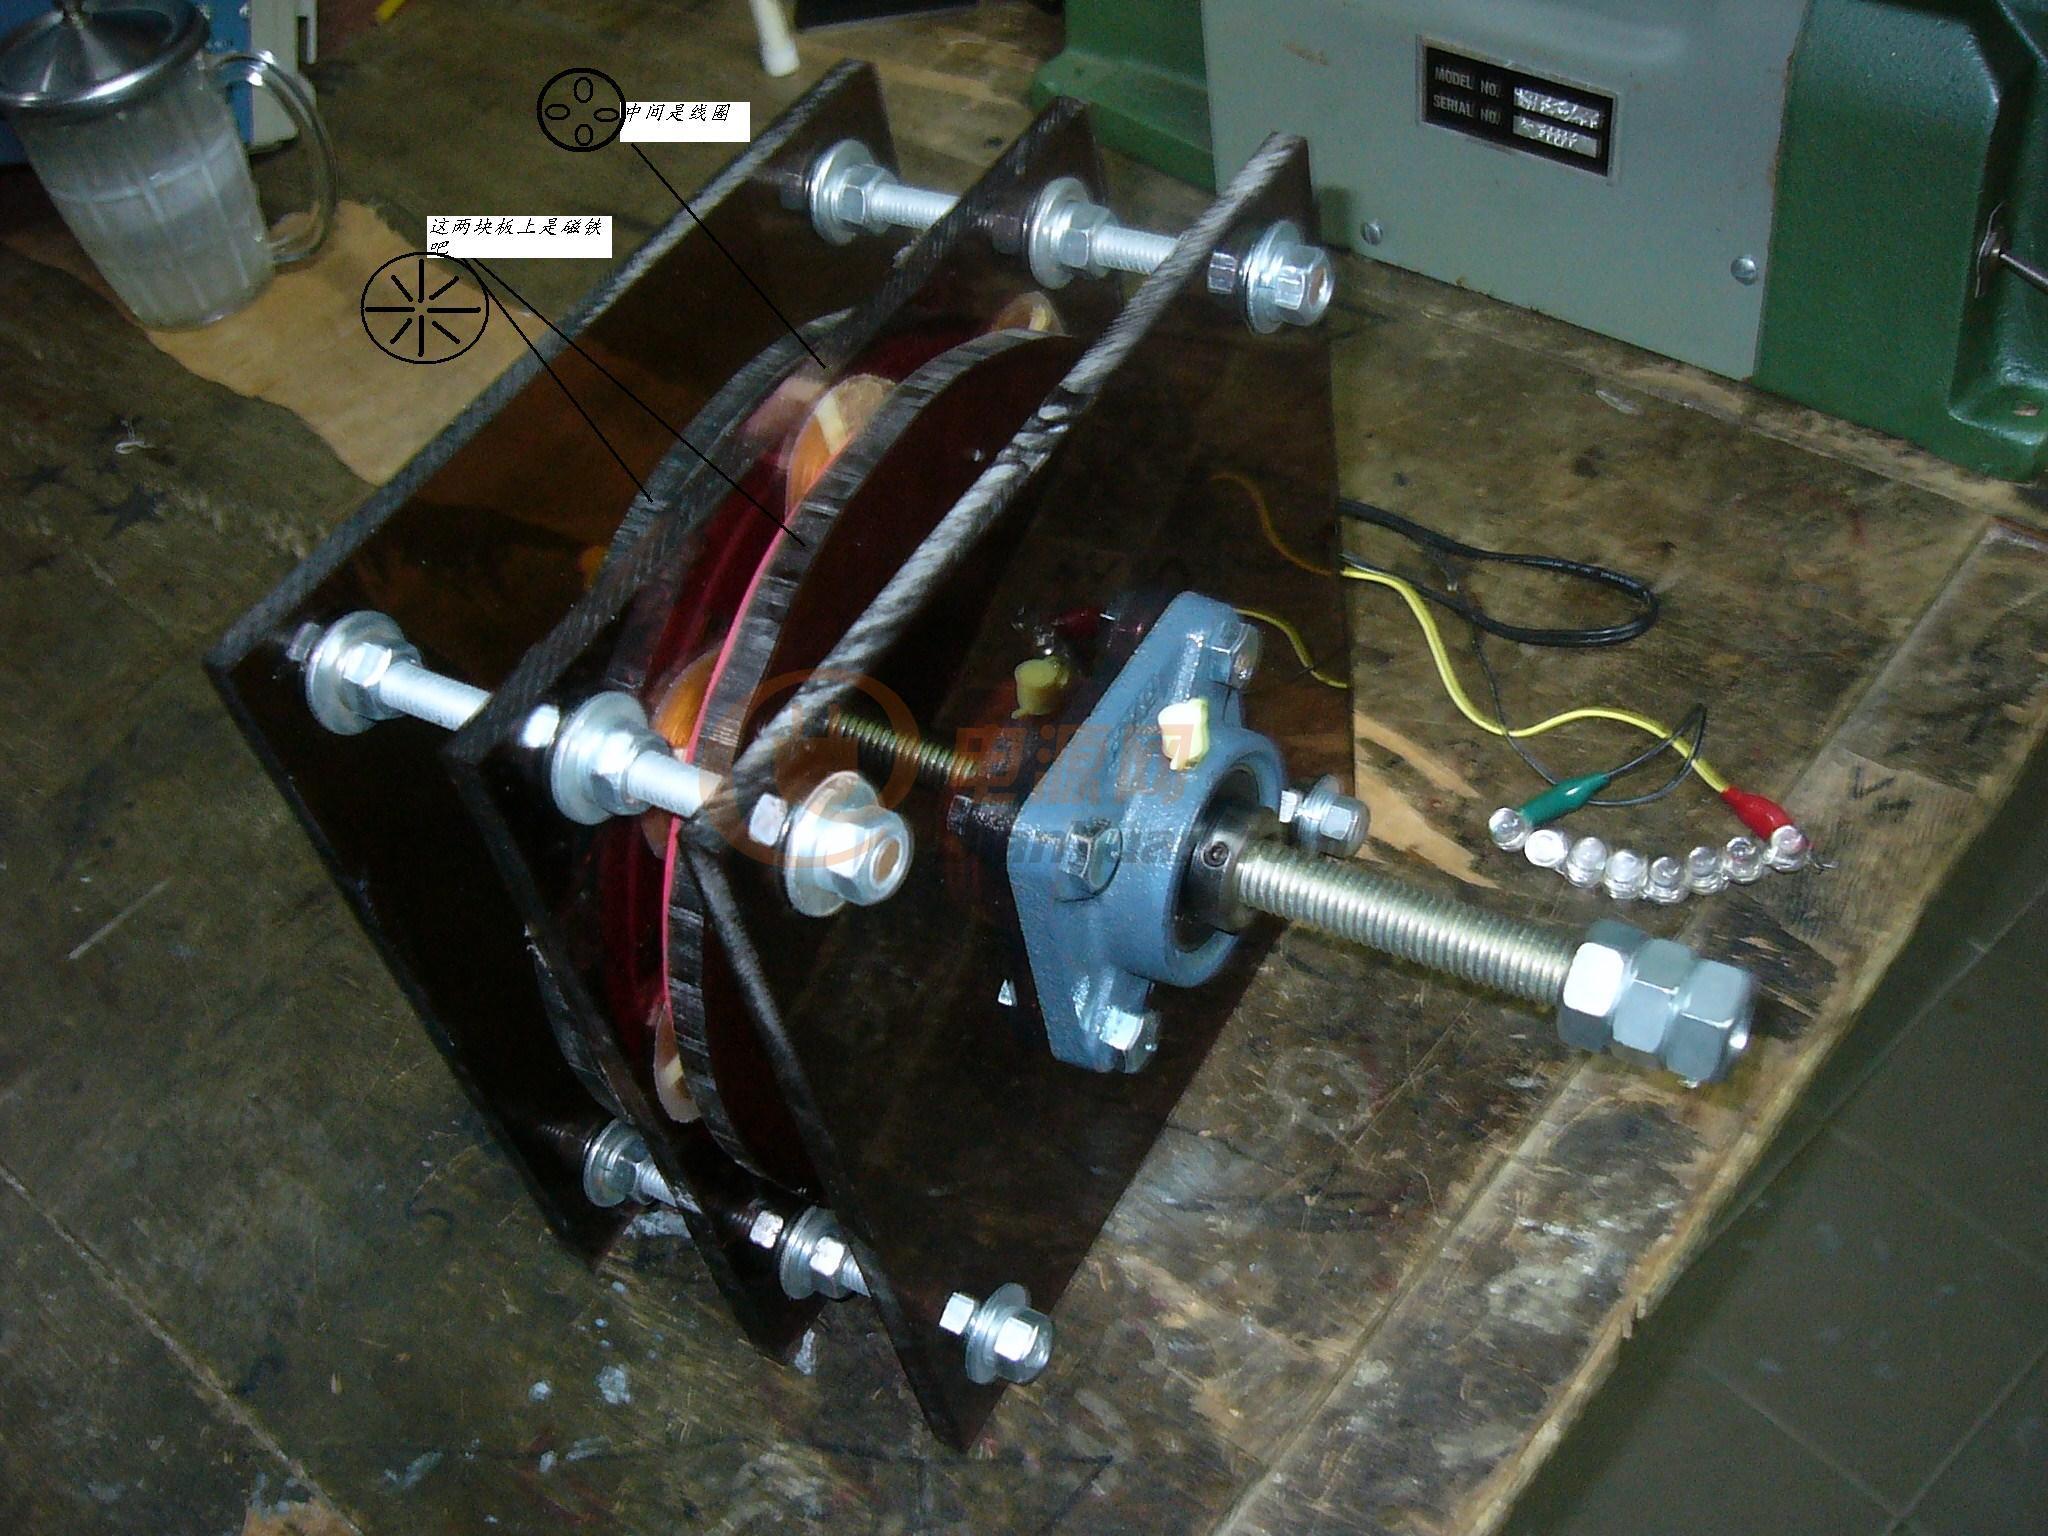 自制发电机 自制发电机线圈图 发 . 高清图片